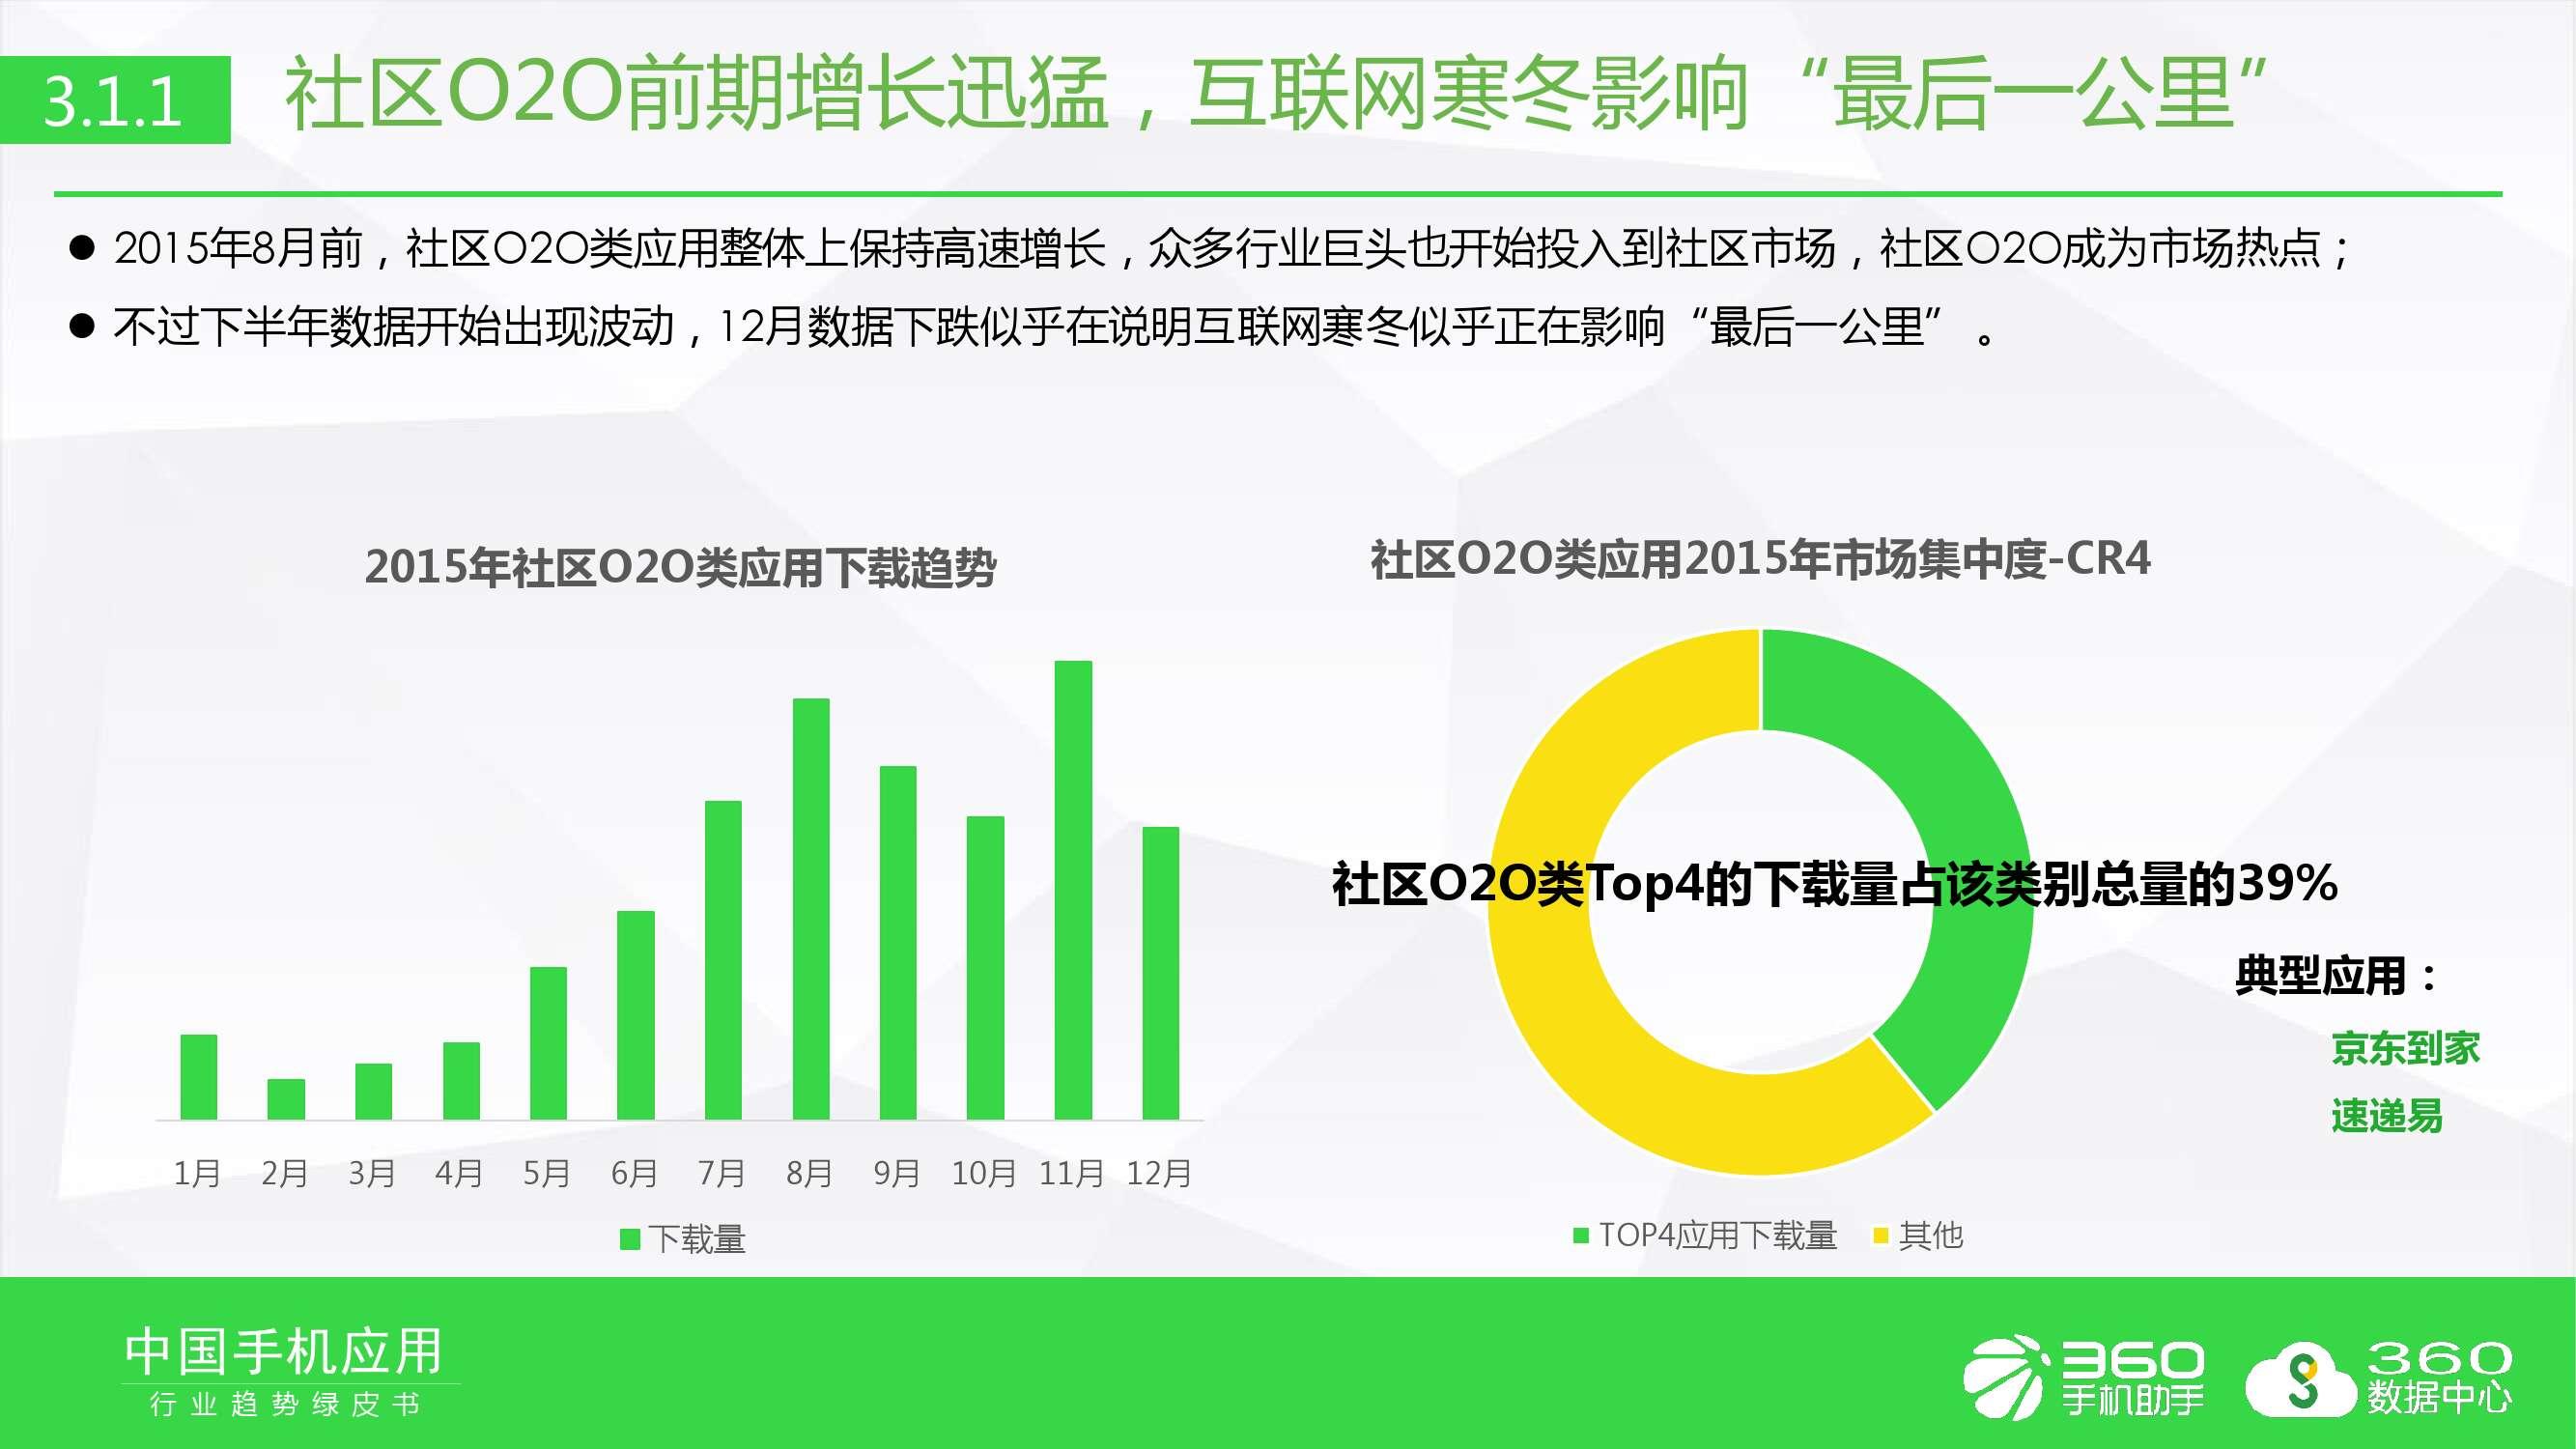 2016年手机软件行业趋势绿皮书_000023